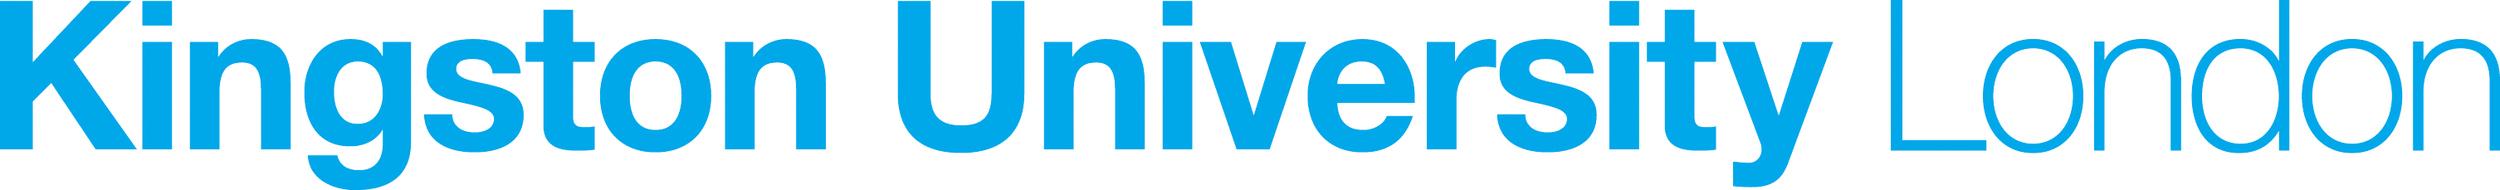 Kingston U logo cyan.jpg